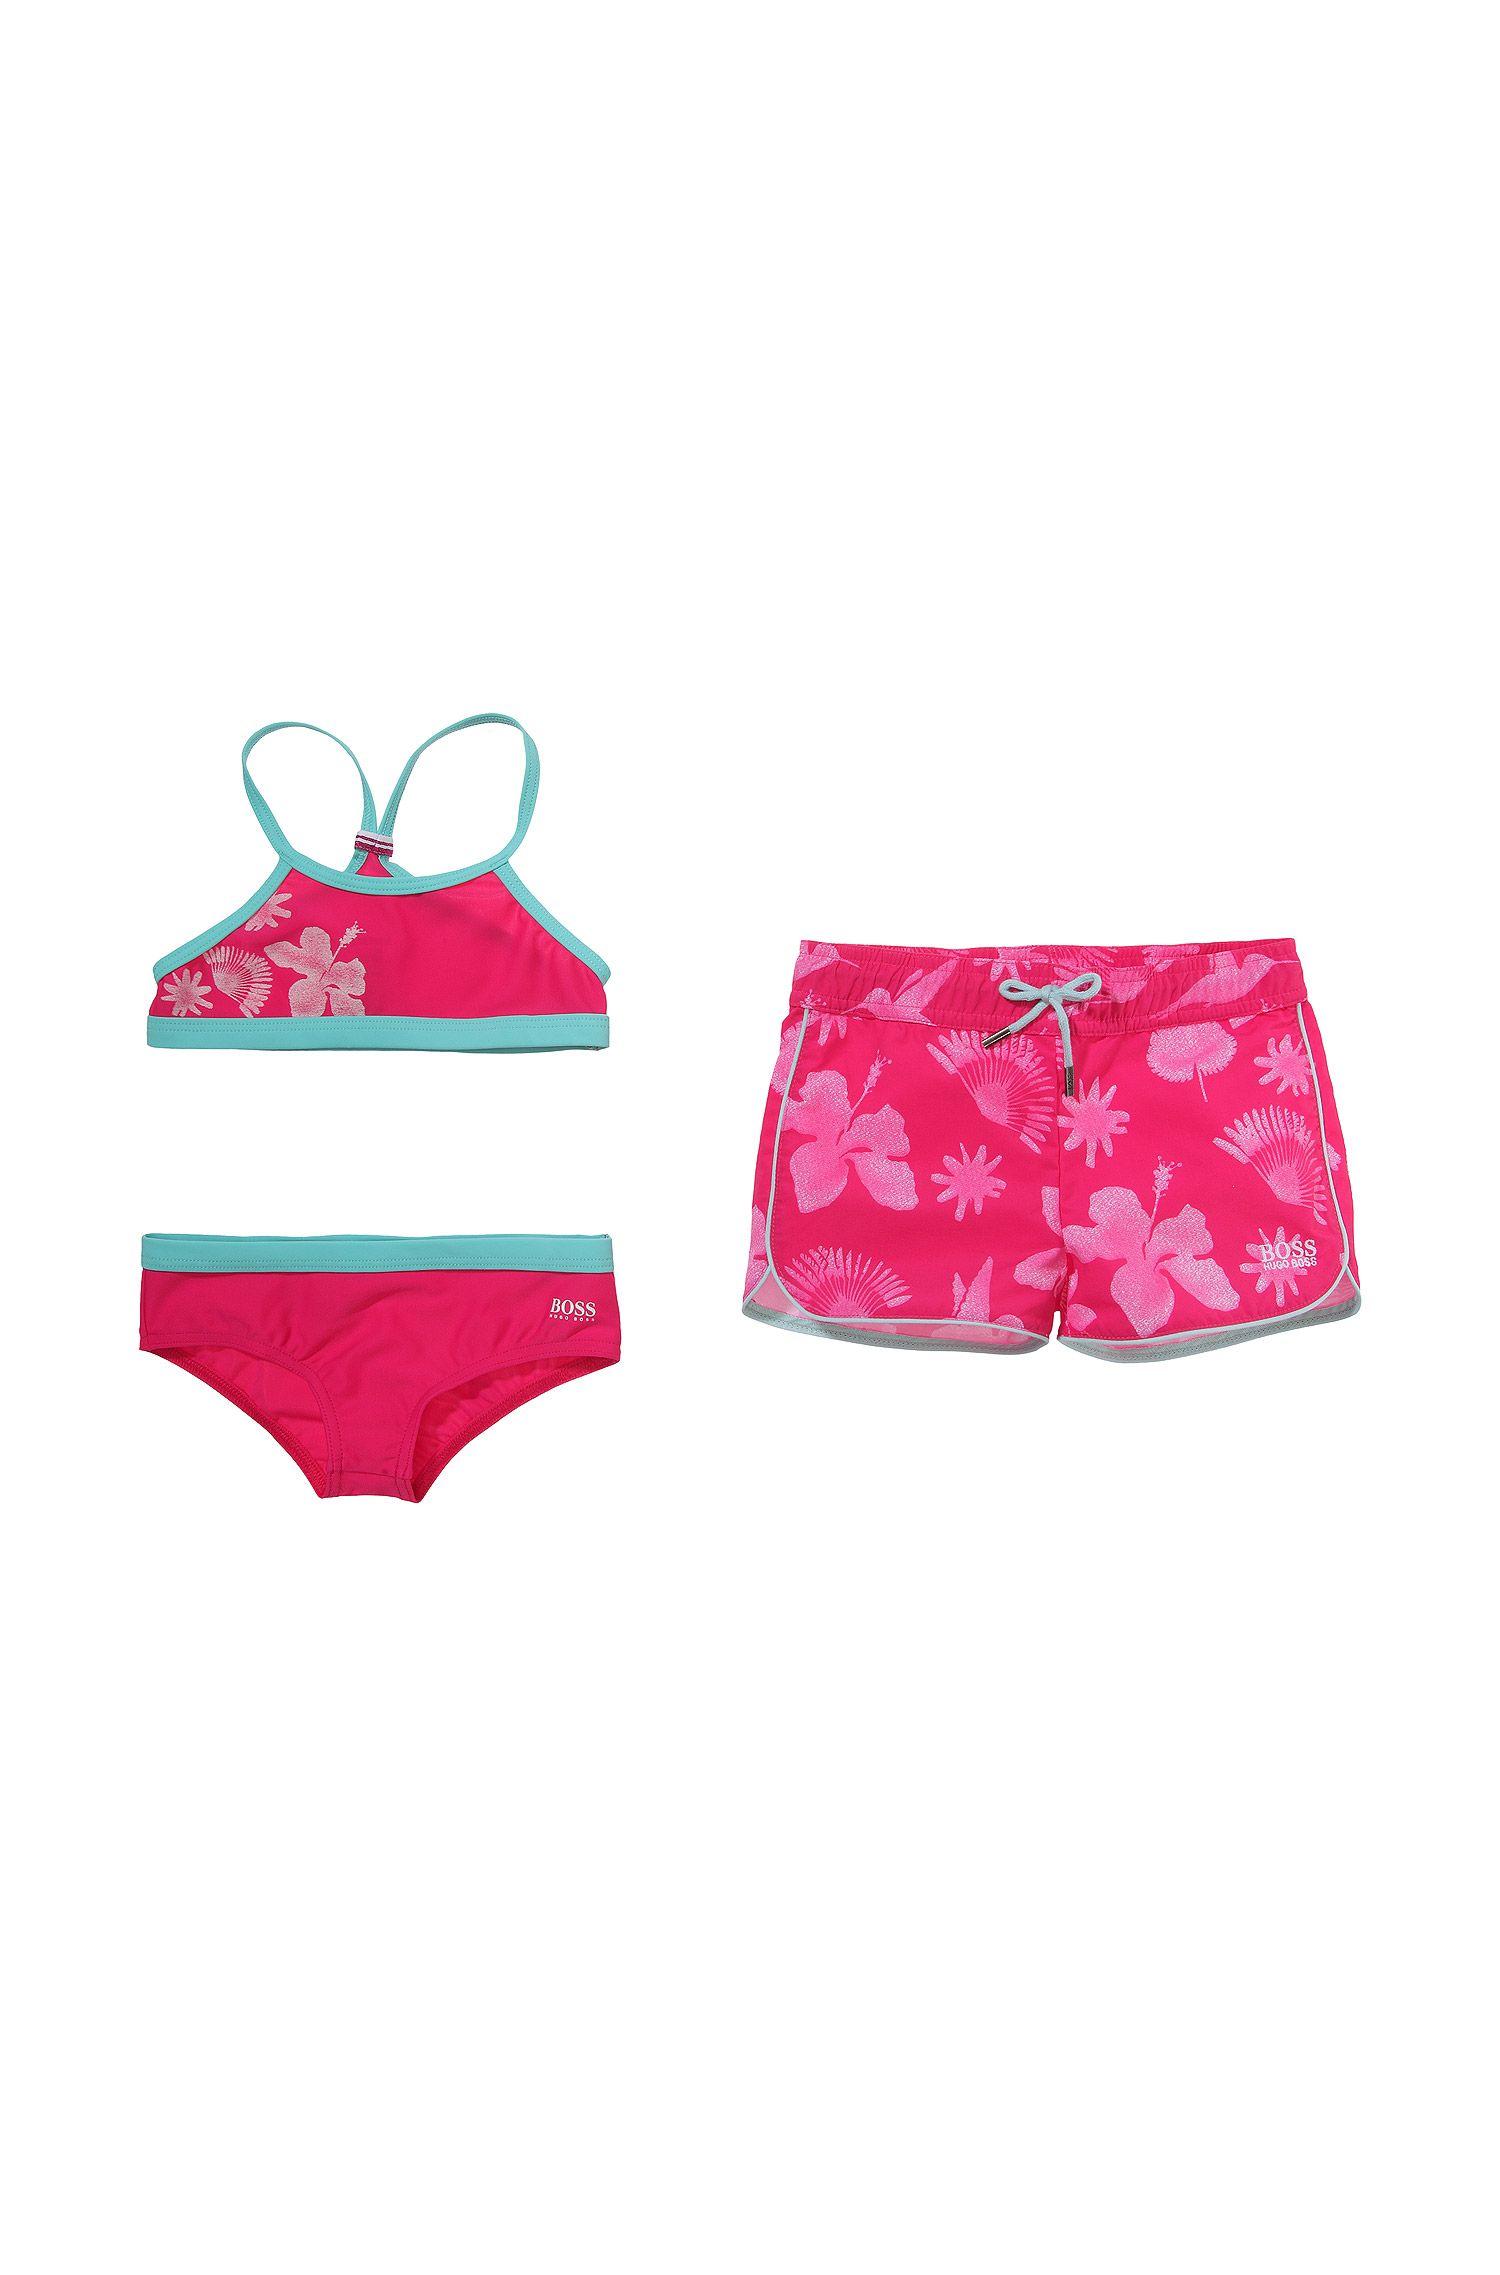 Kids-Set´J1K015` mit Bikini und Badeshorts aus leichtem Polyamid